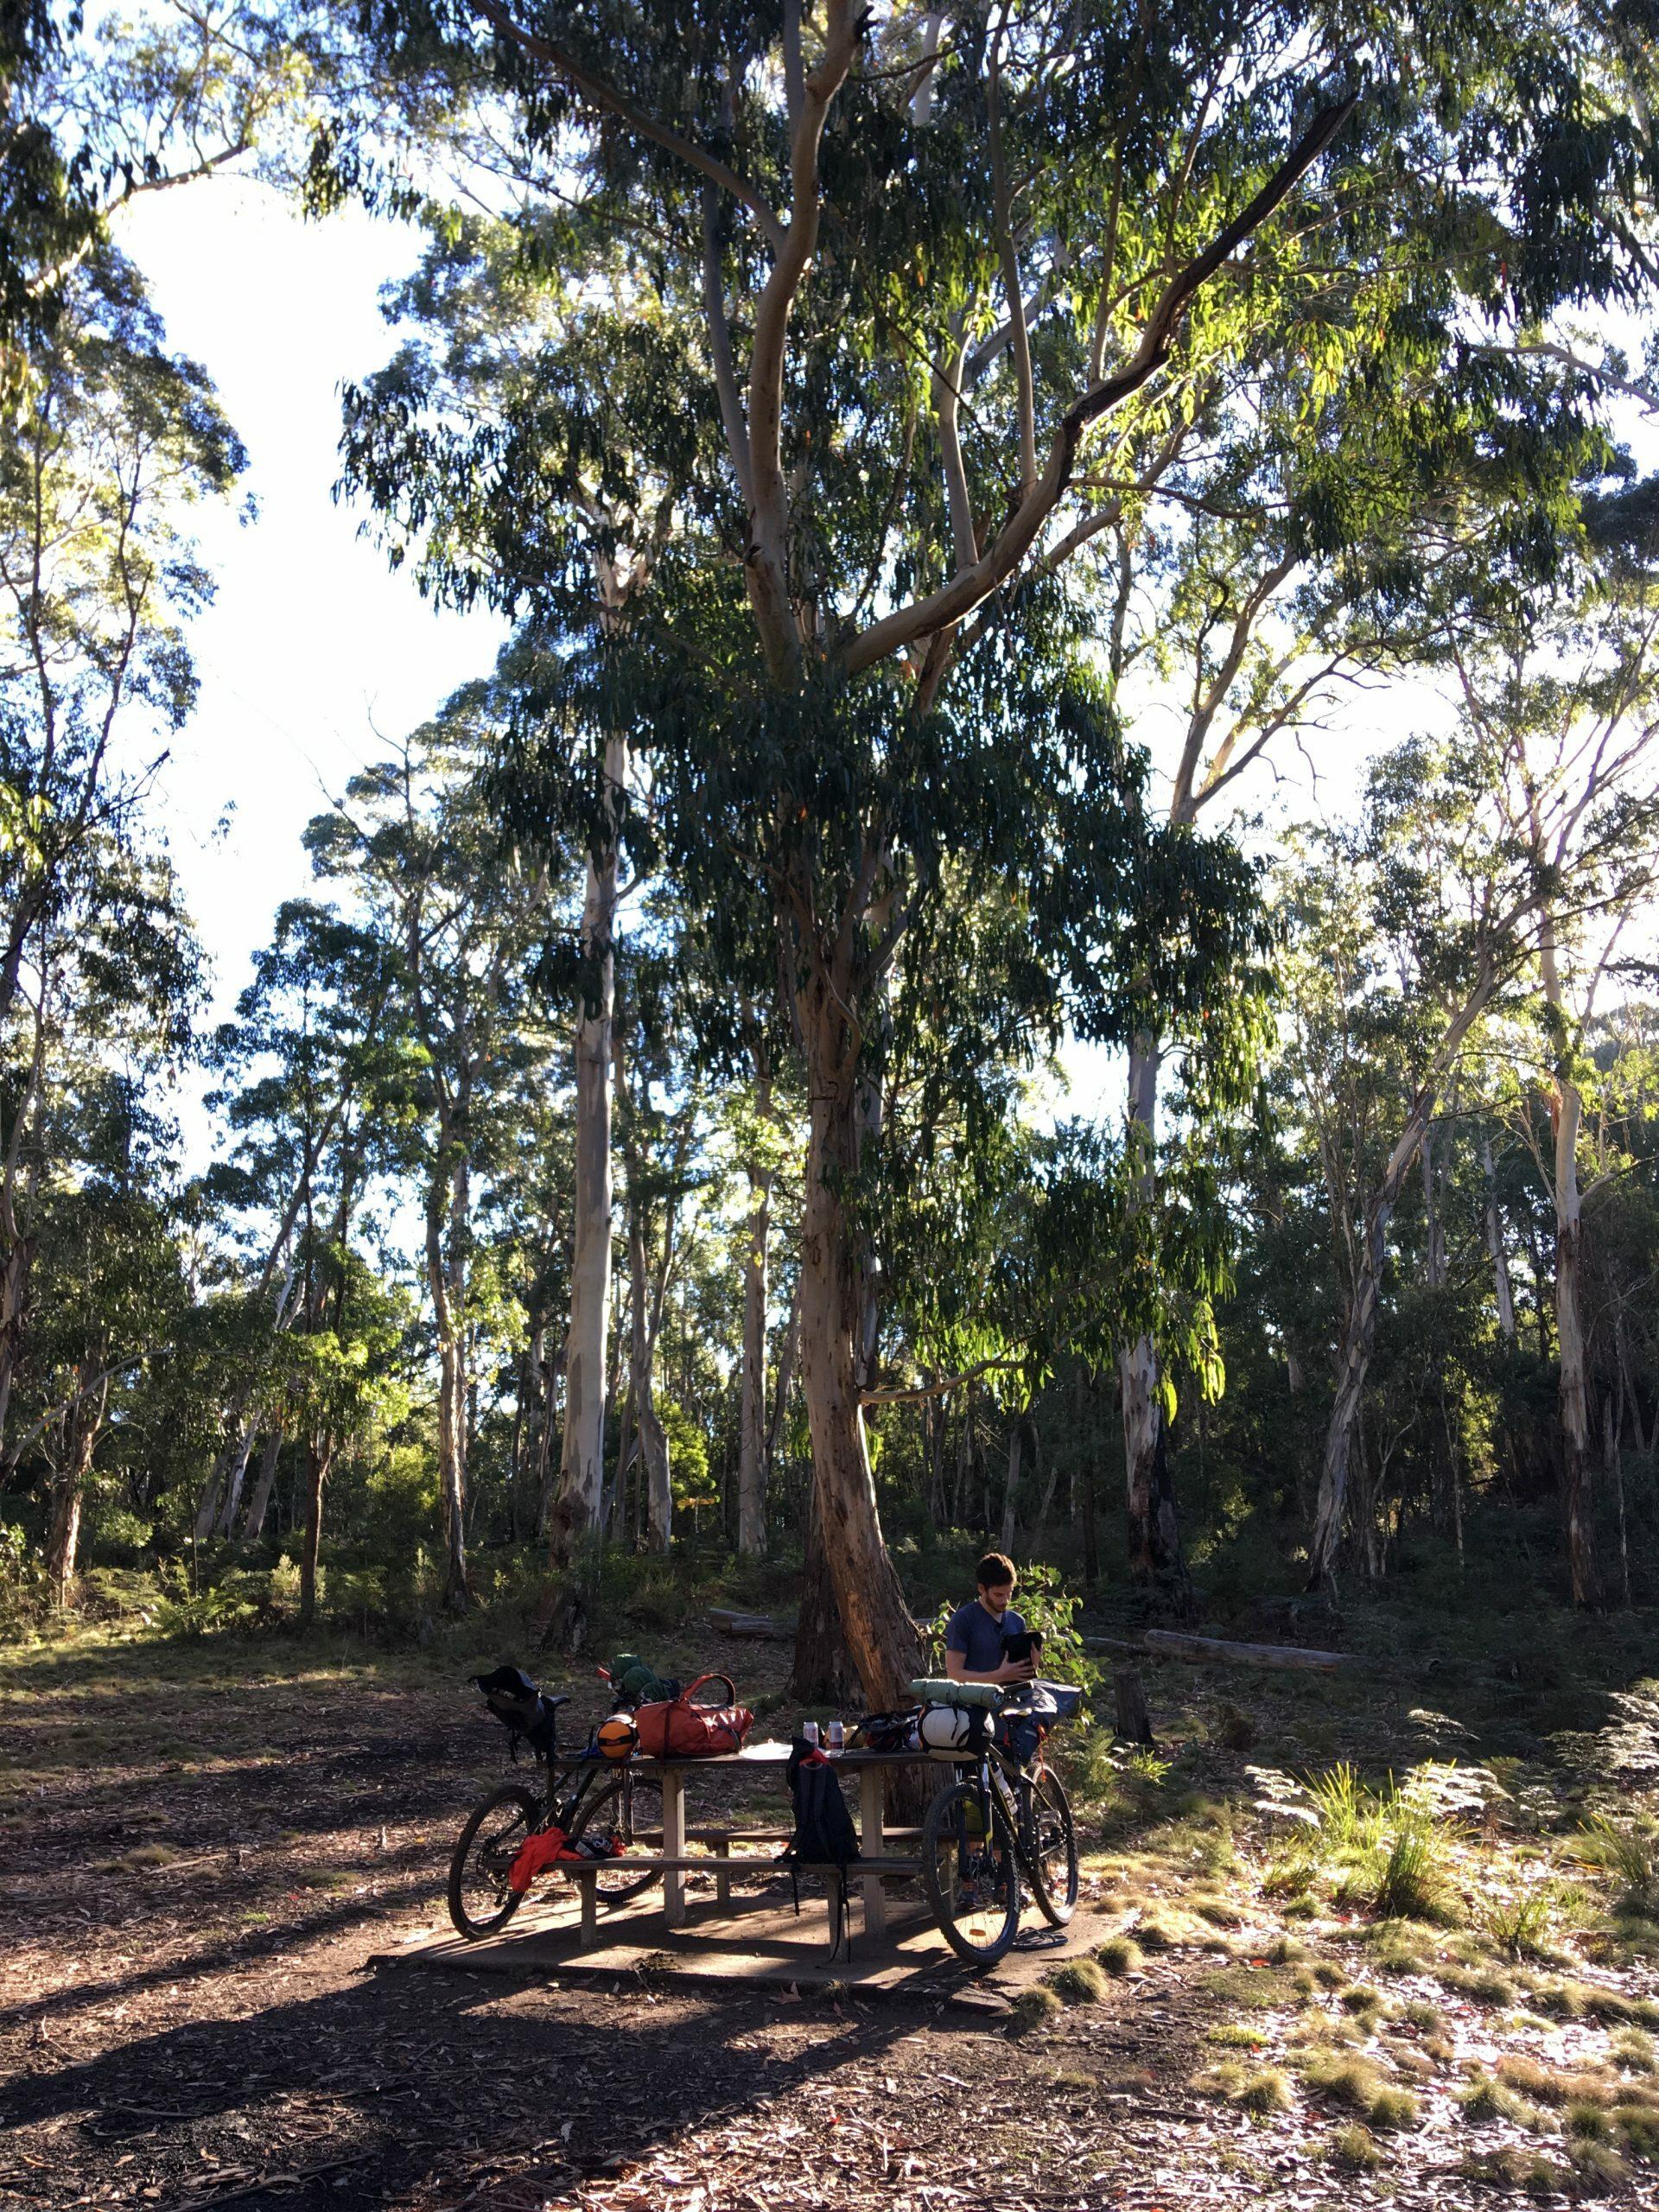 Hike a bike memory from @tim_ashelford